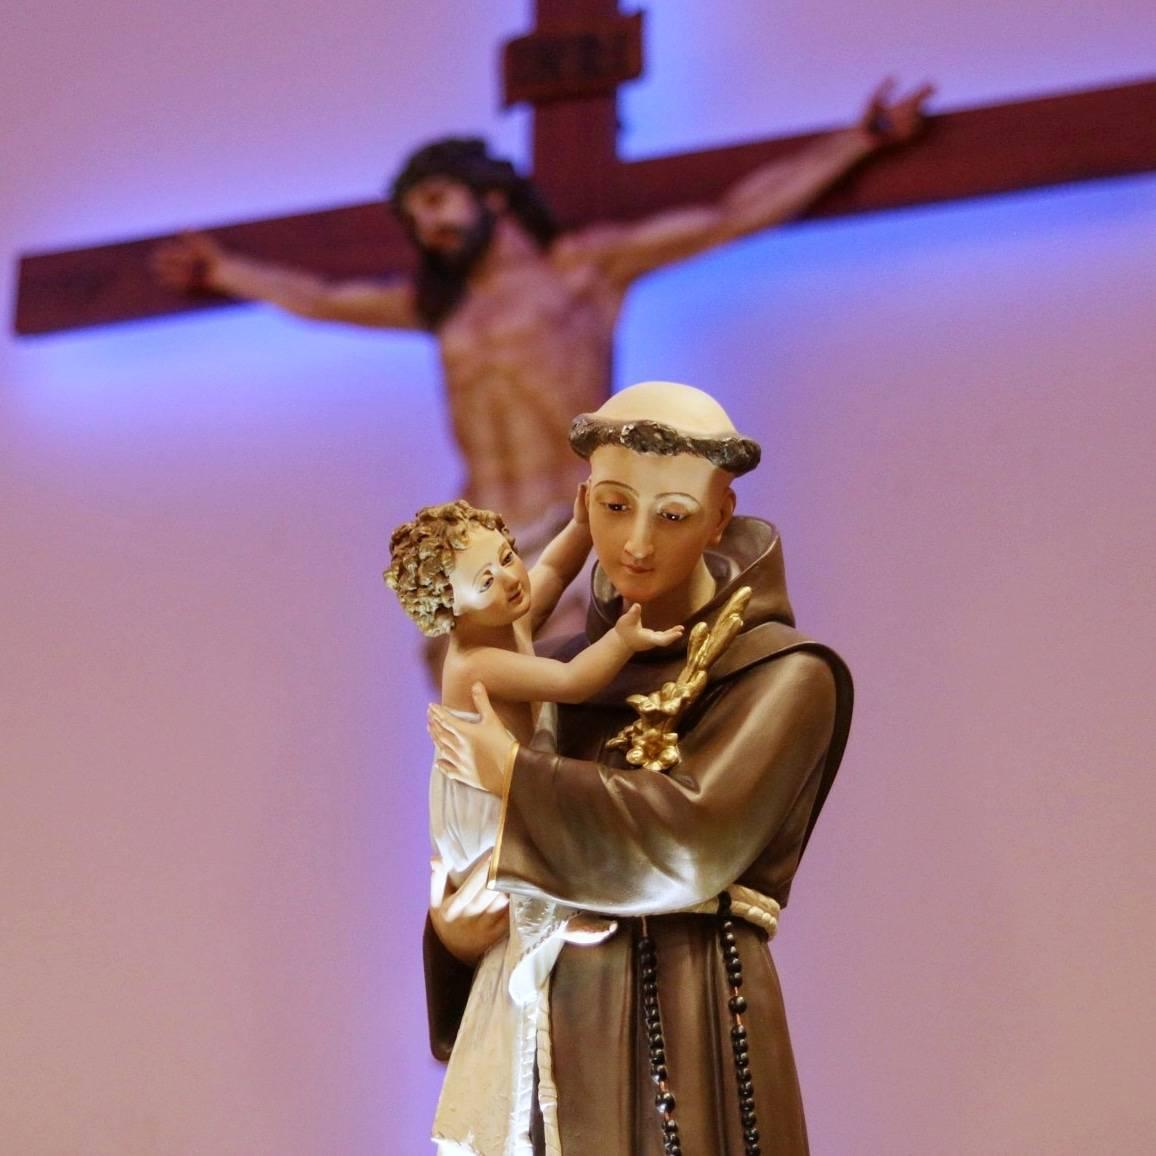 Paróquia de Santo Antônio realizou festa do P